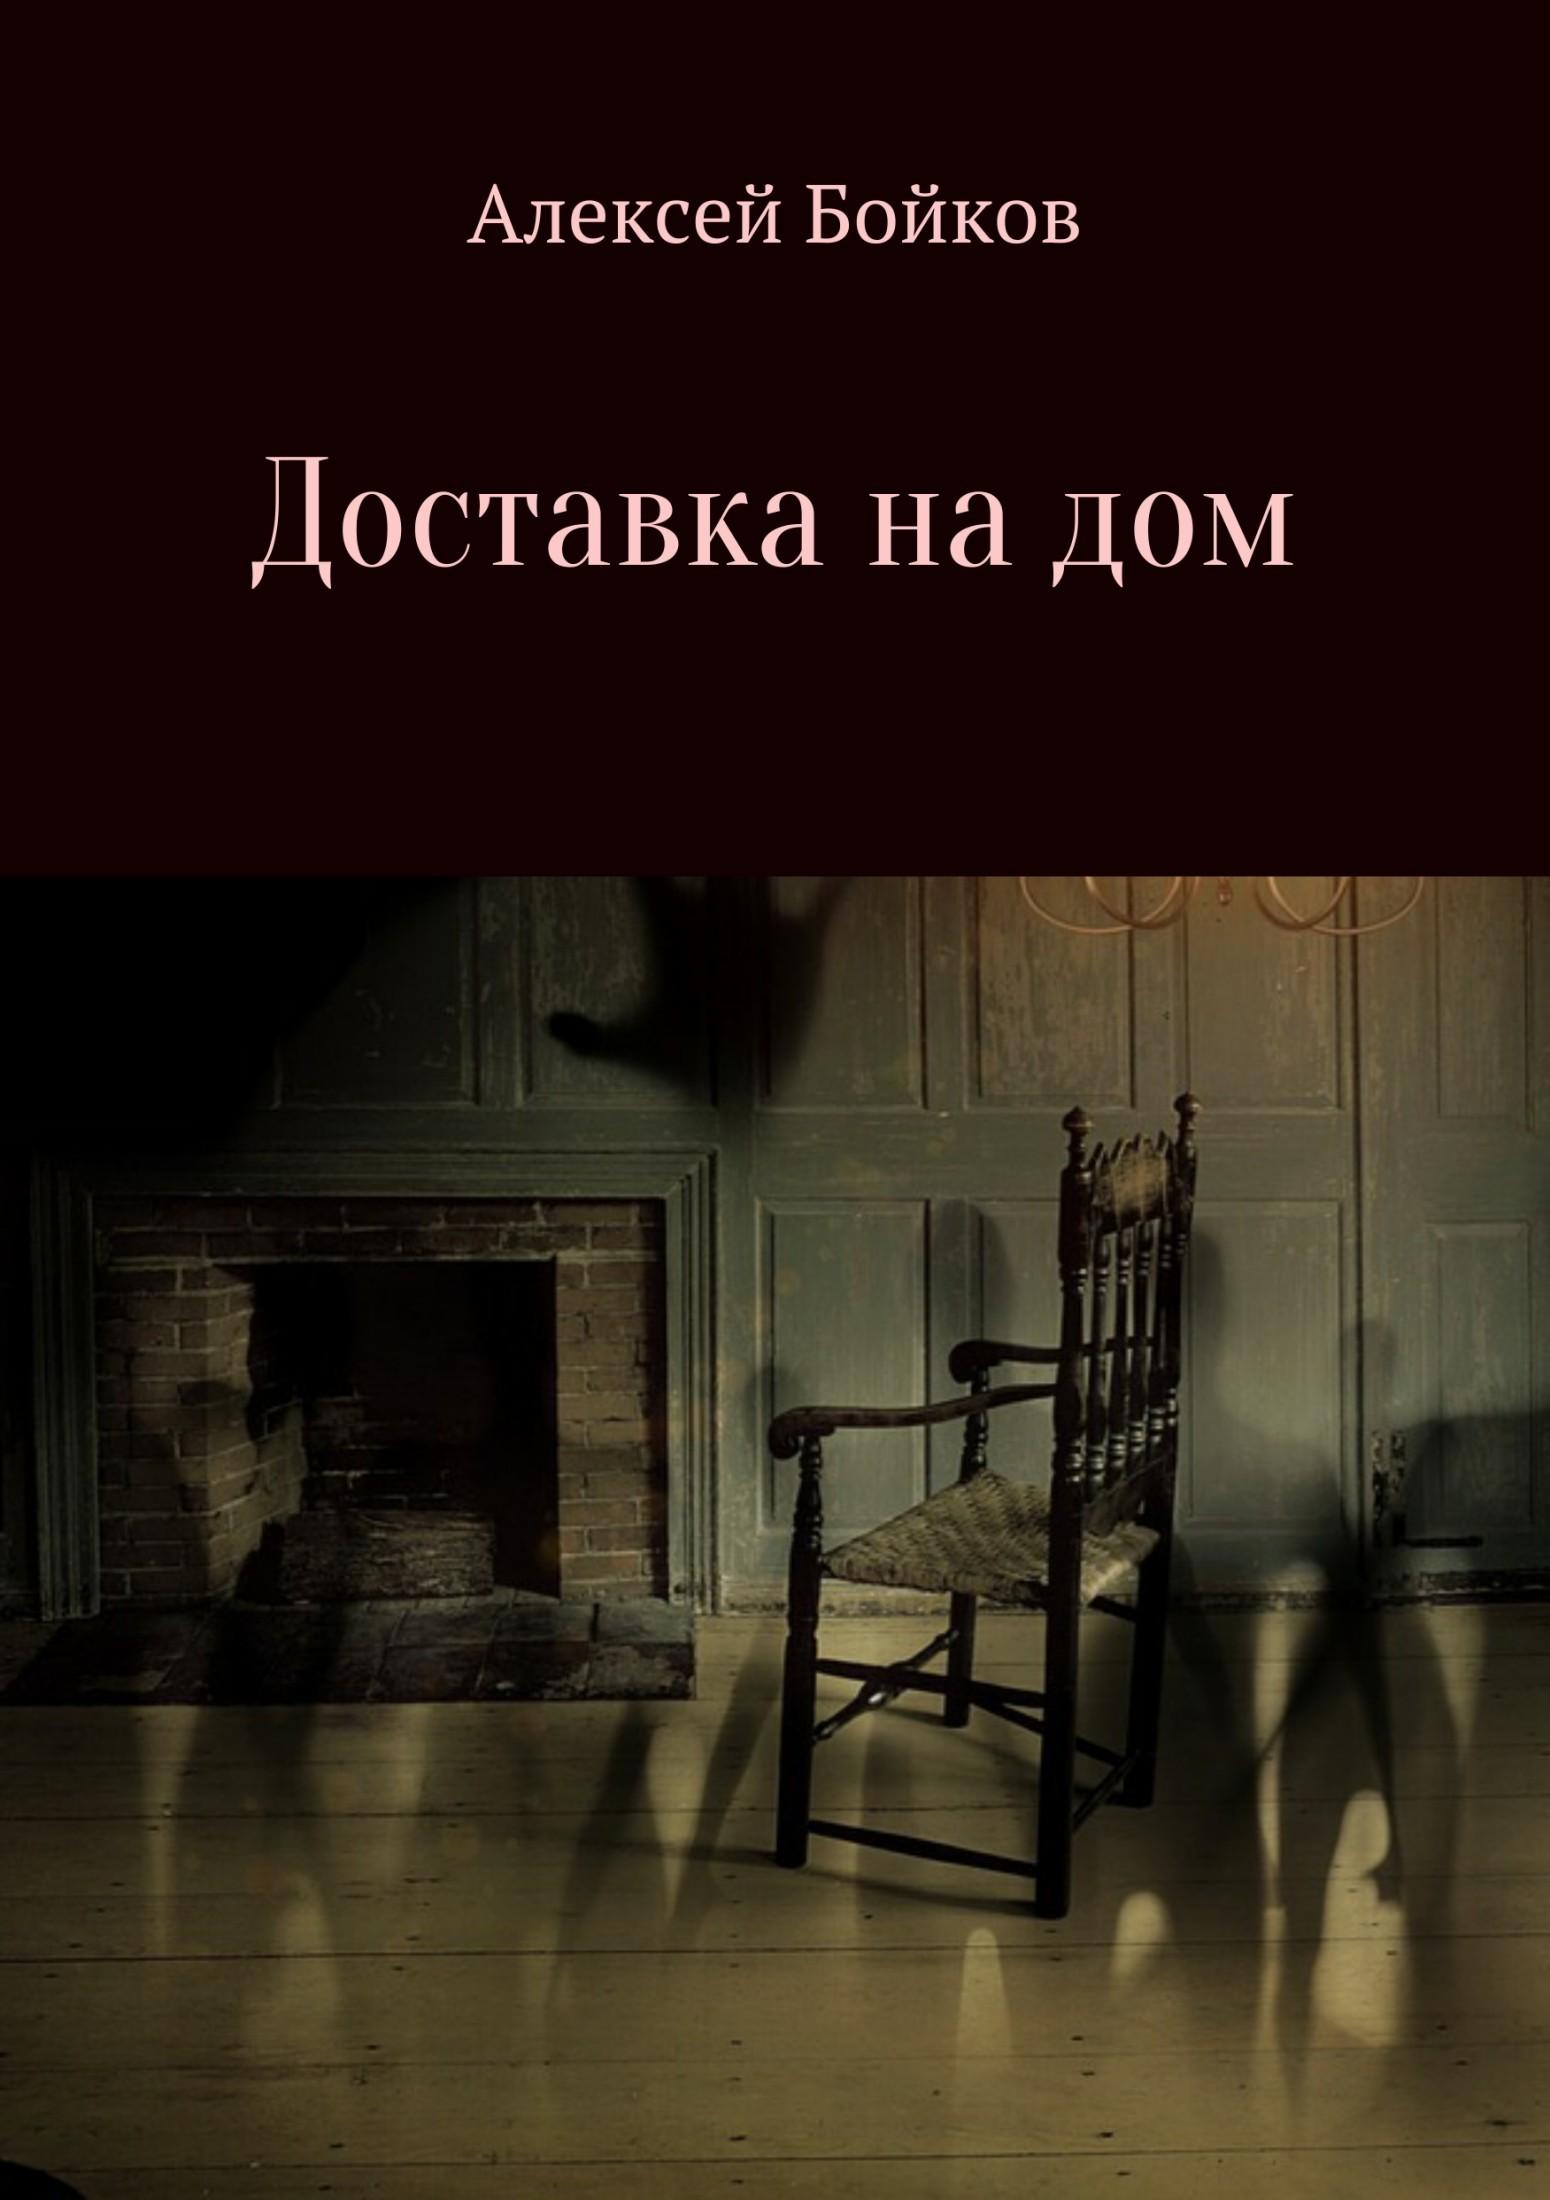 Алексей Бойков - Доставка на дом